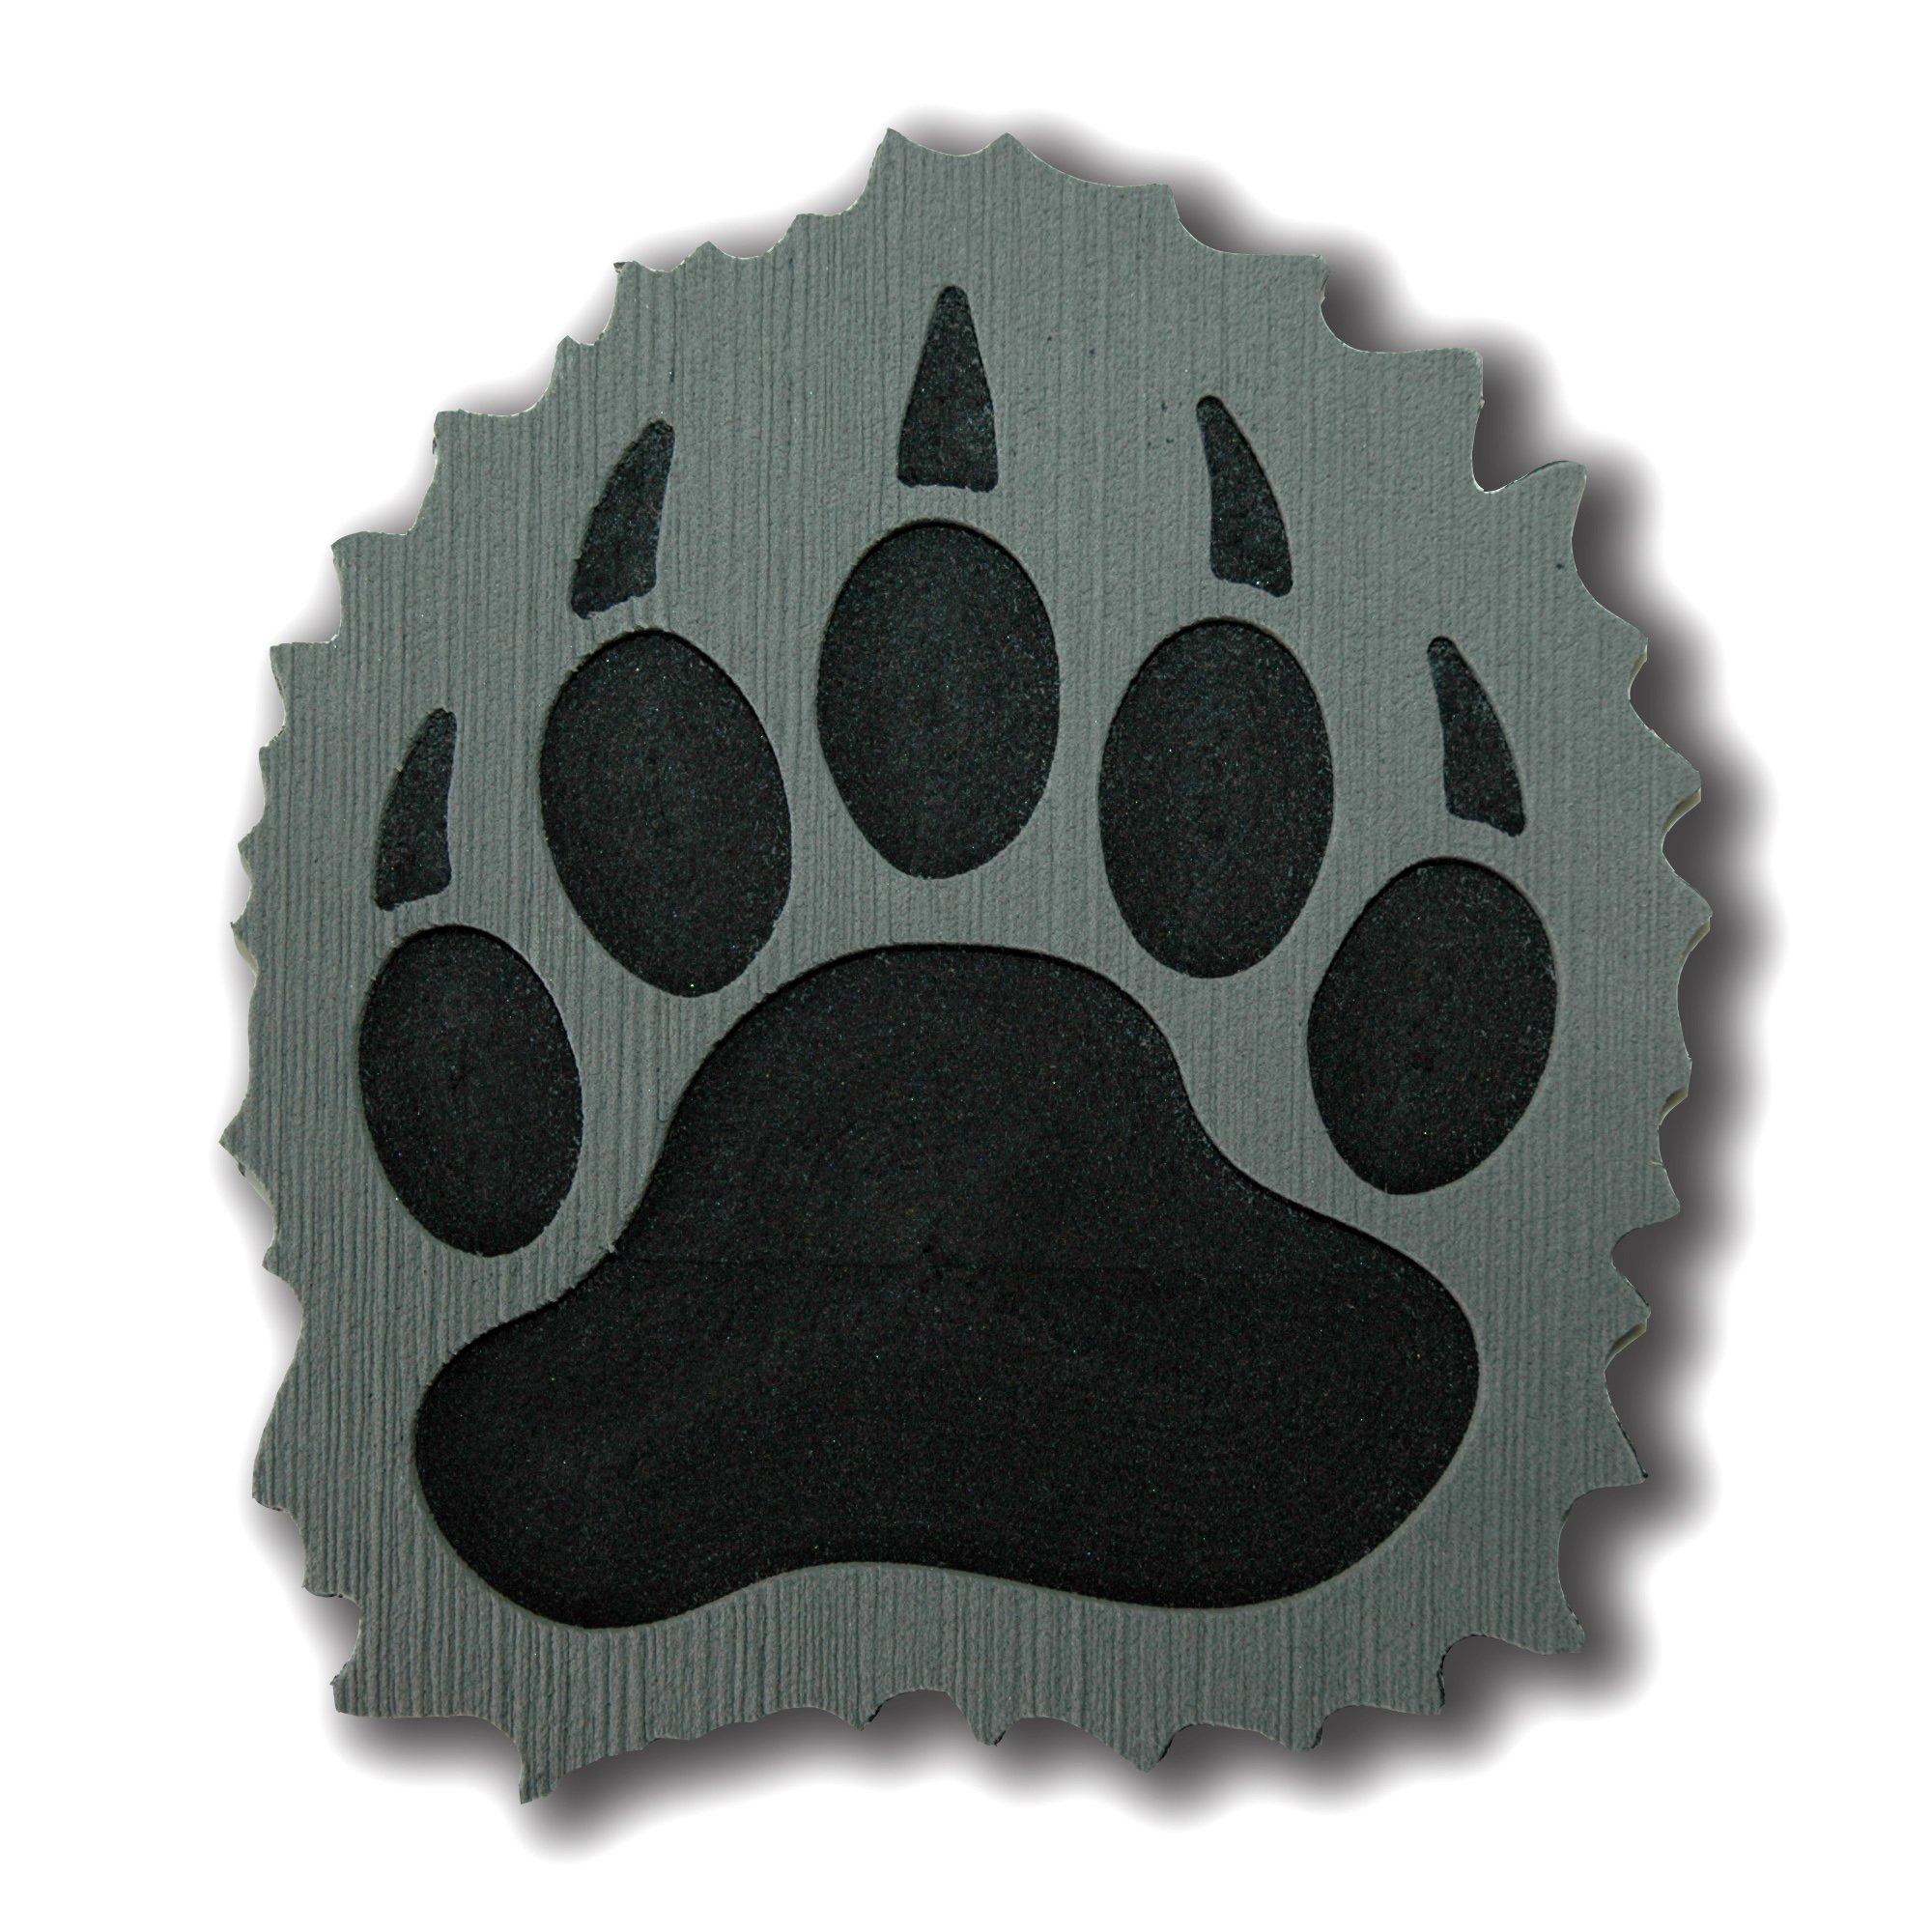 ToeJamR Stomp Pad - Furry Black Bear Paw - Gray by Toejamr